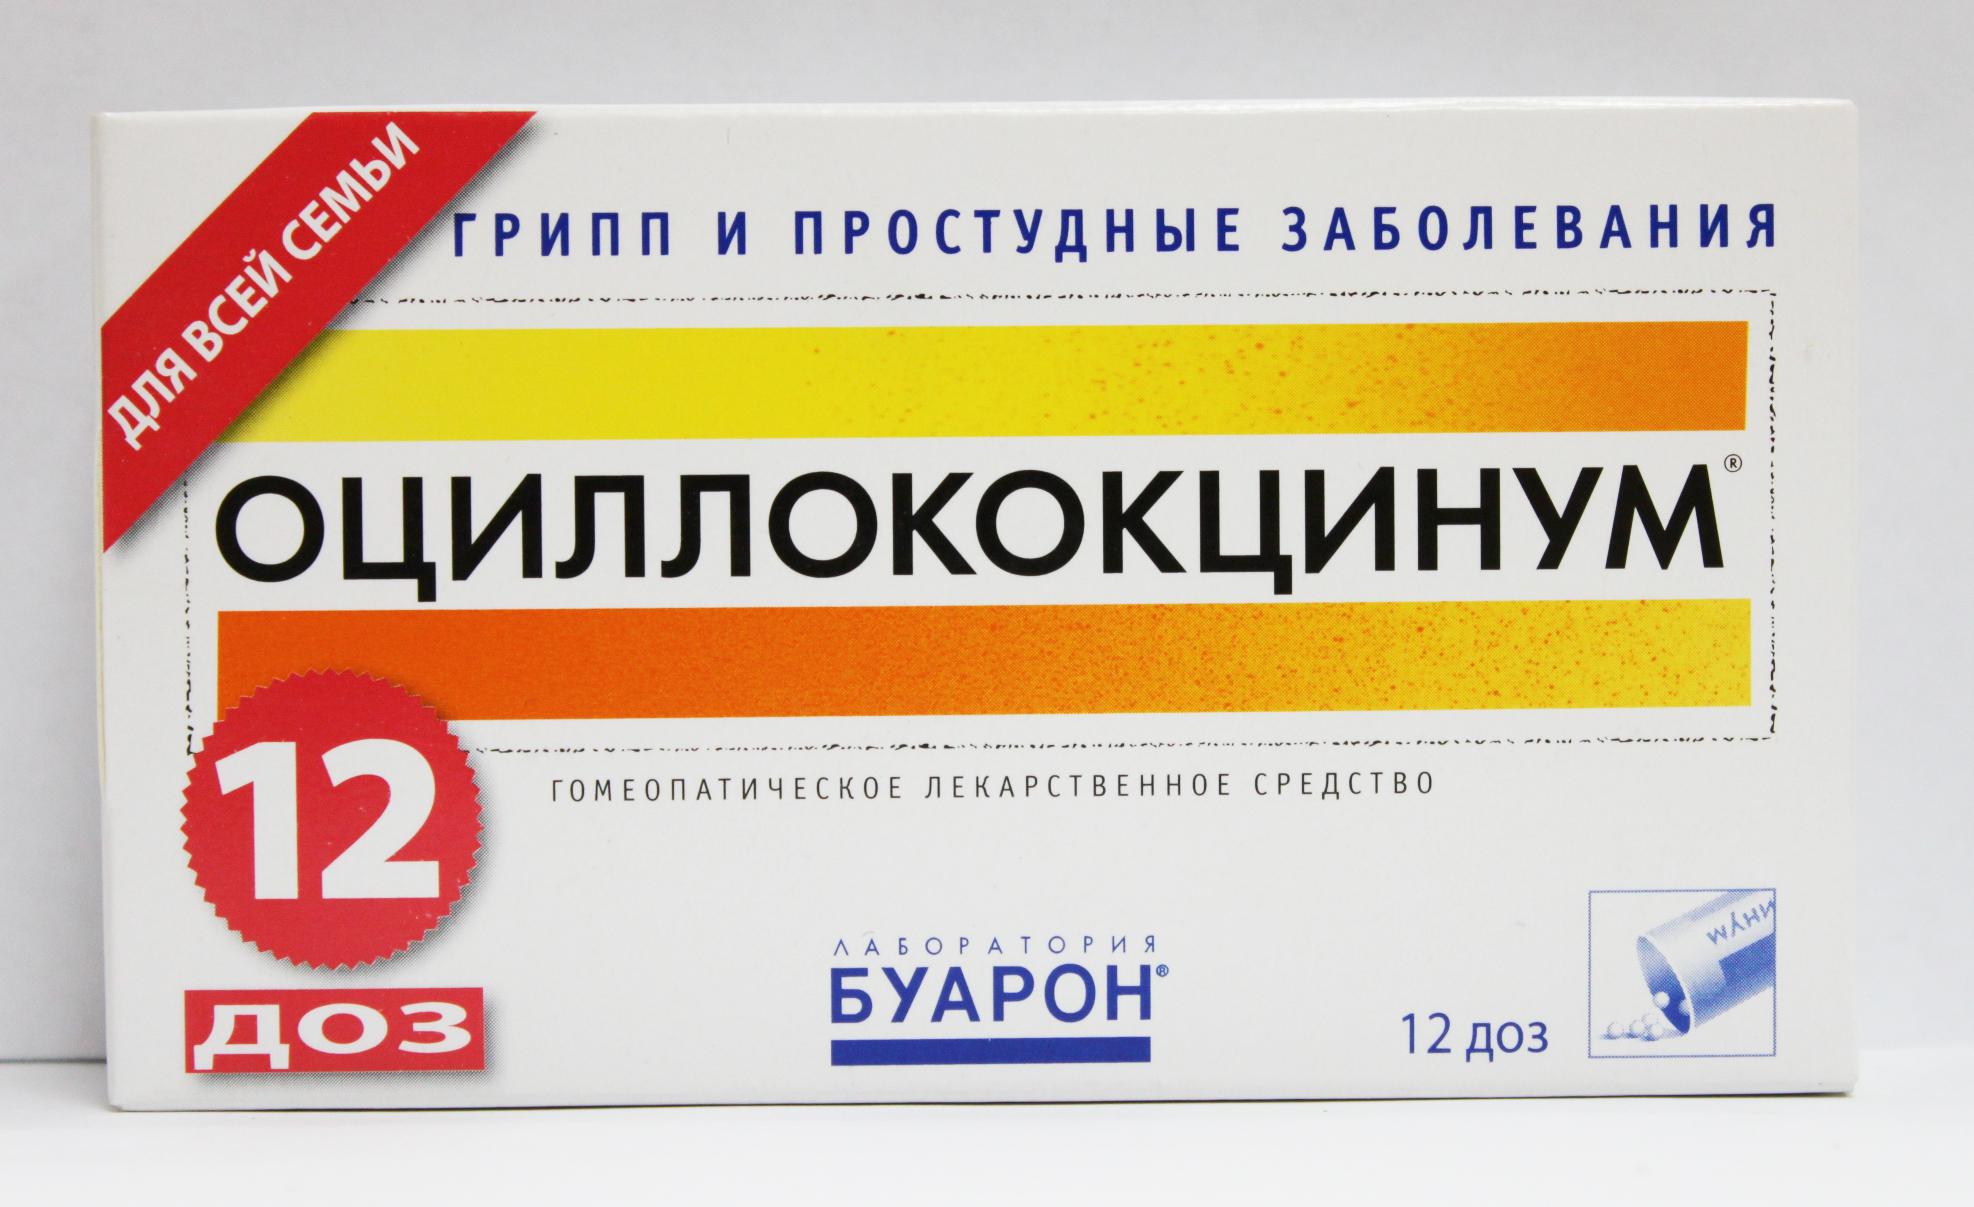 Инструкция по применению оциллококцинум